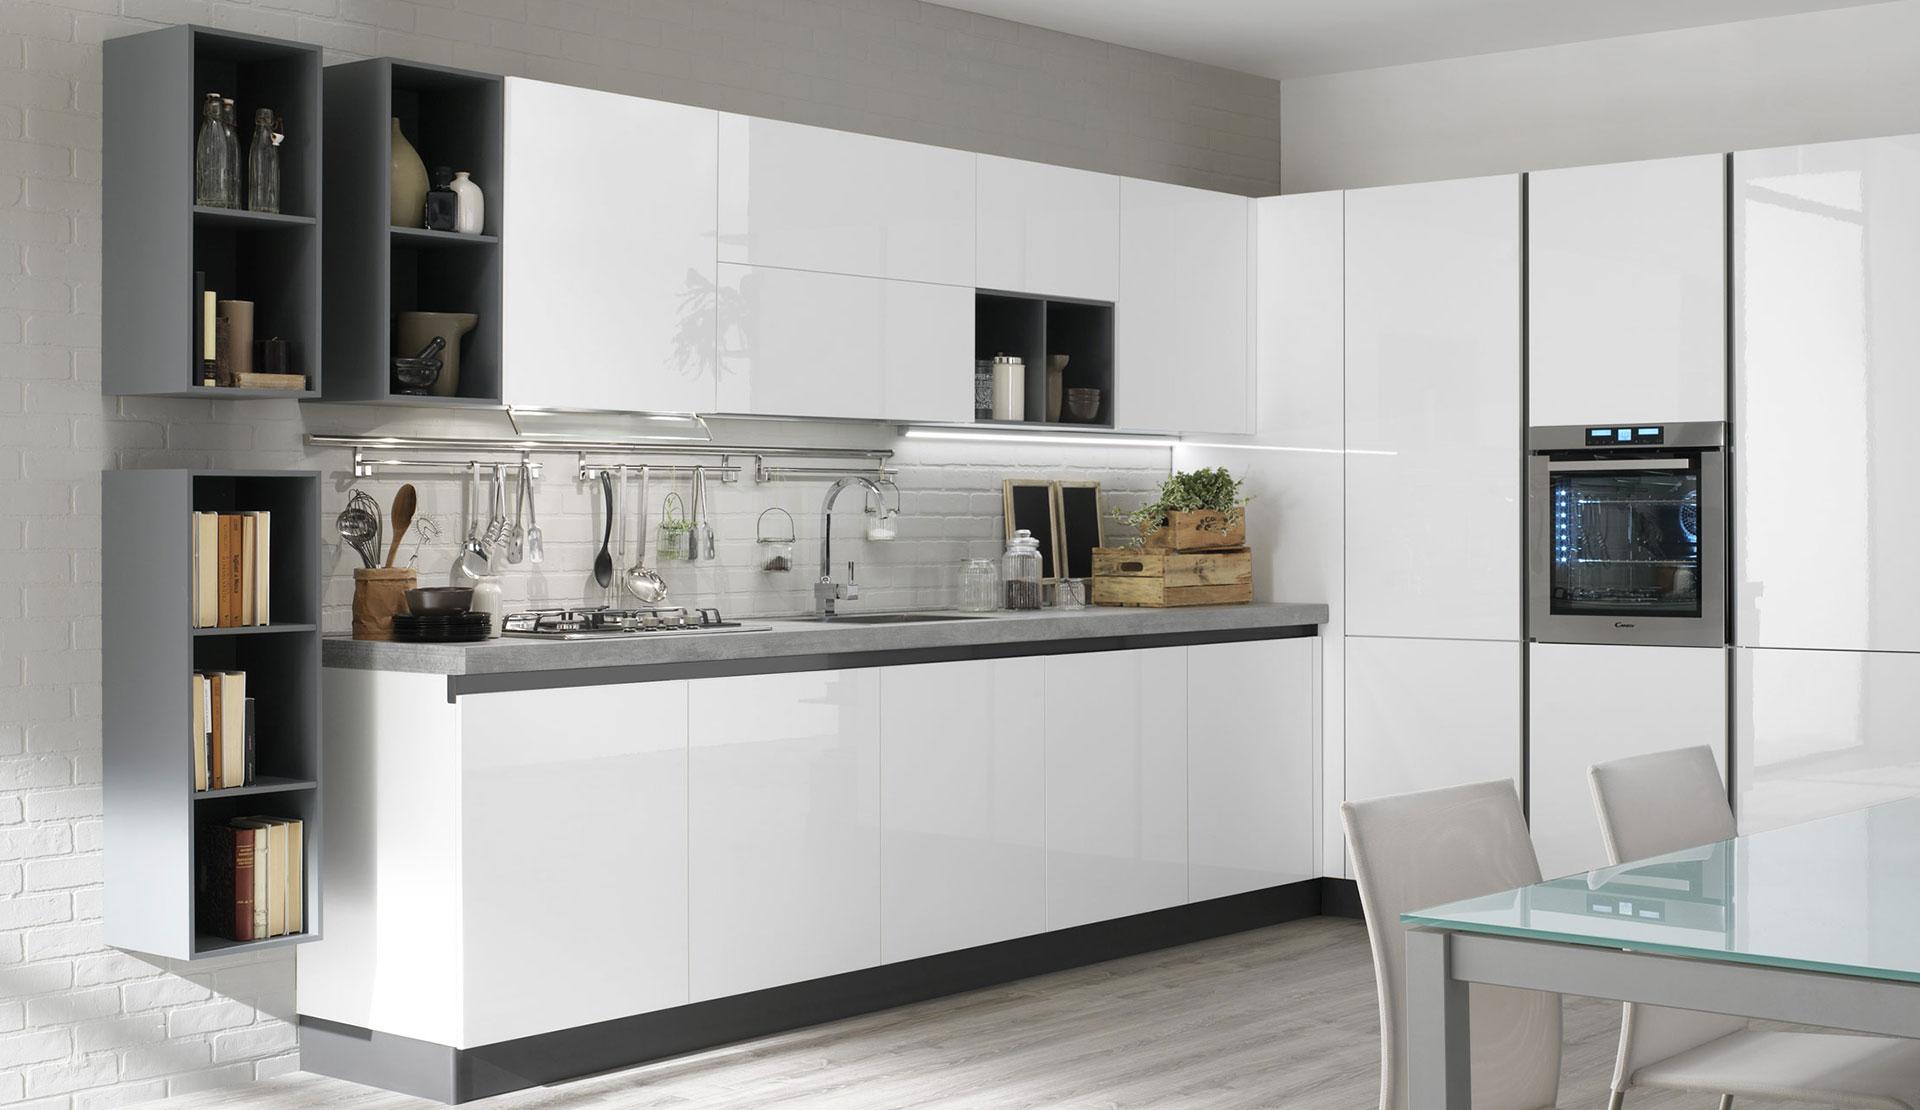 Cucina angolare piccola mondo convenienza idee per la for Cucine componibili ad angolo prezzi